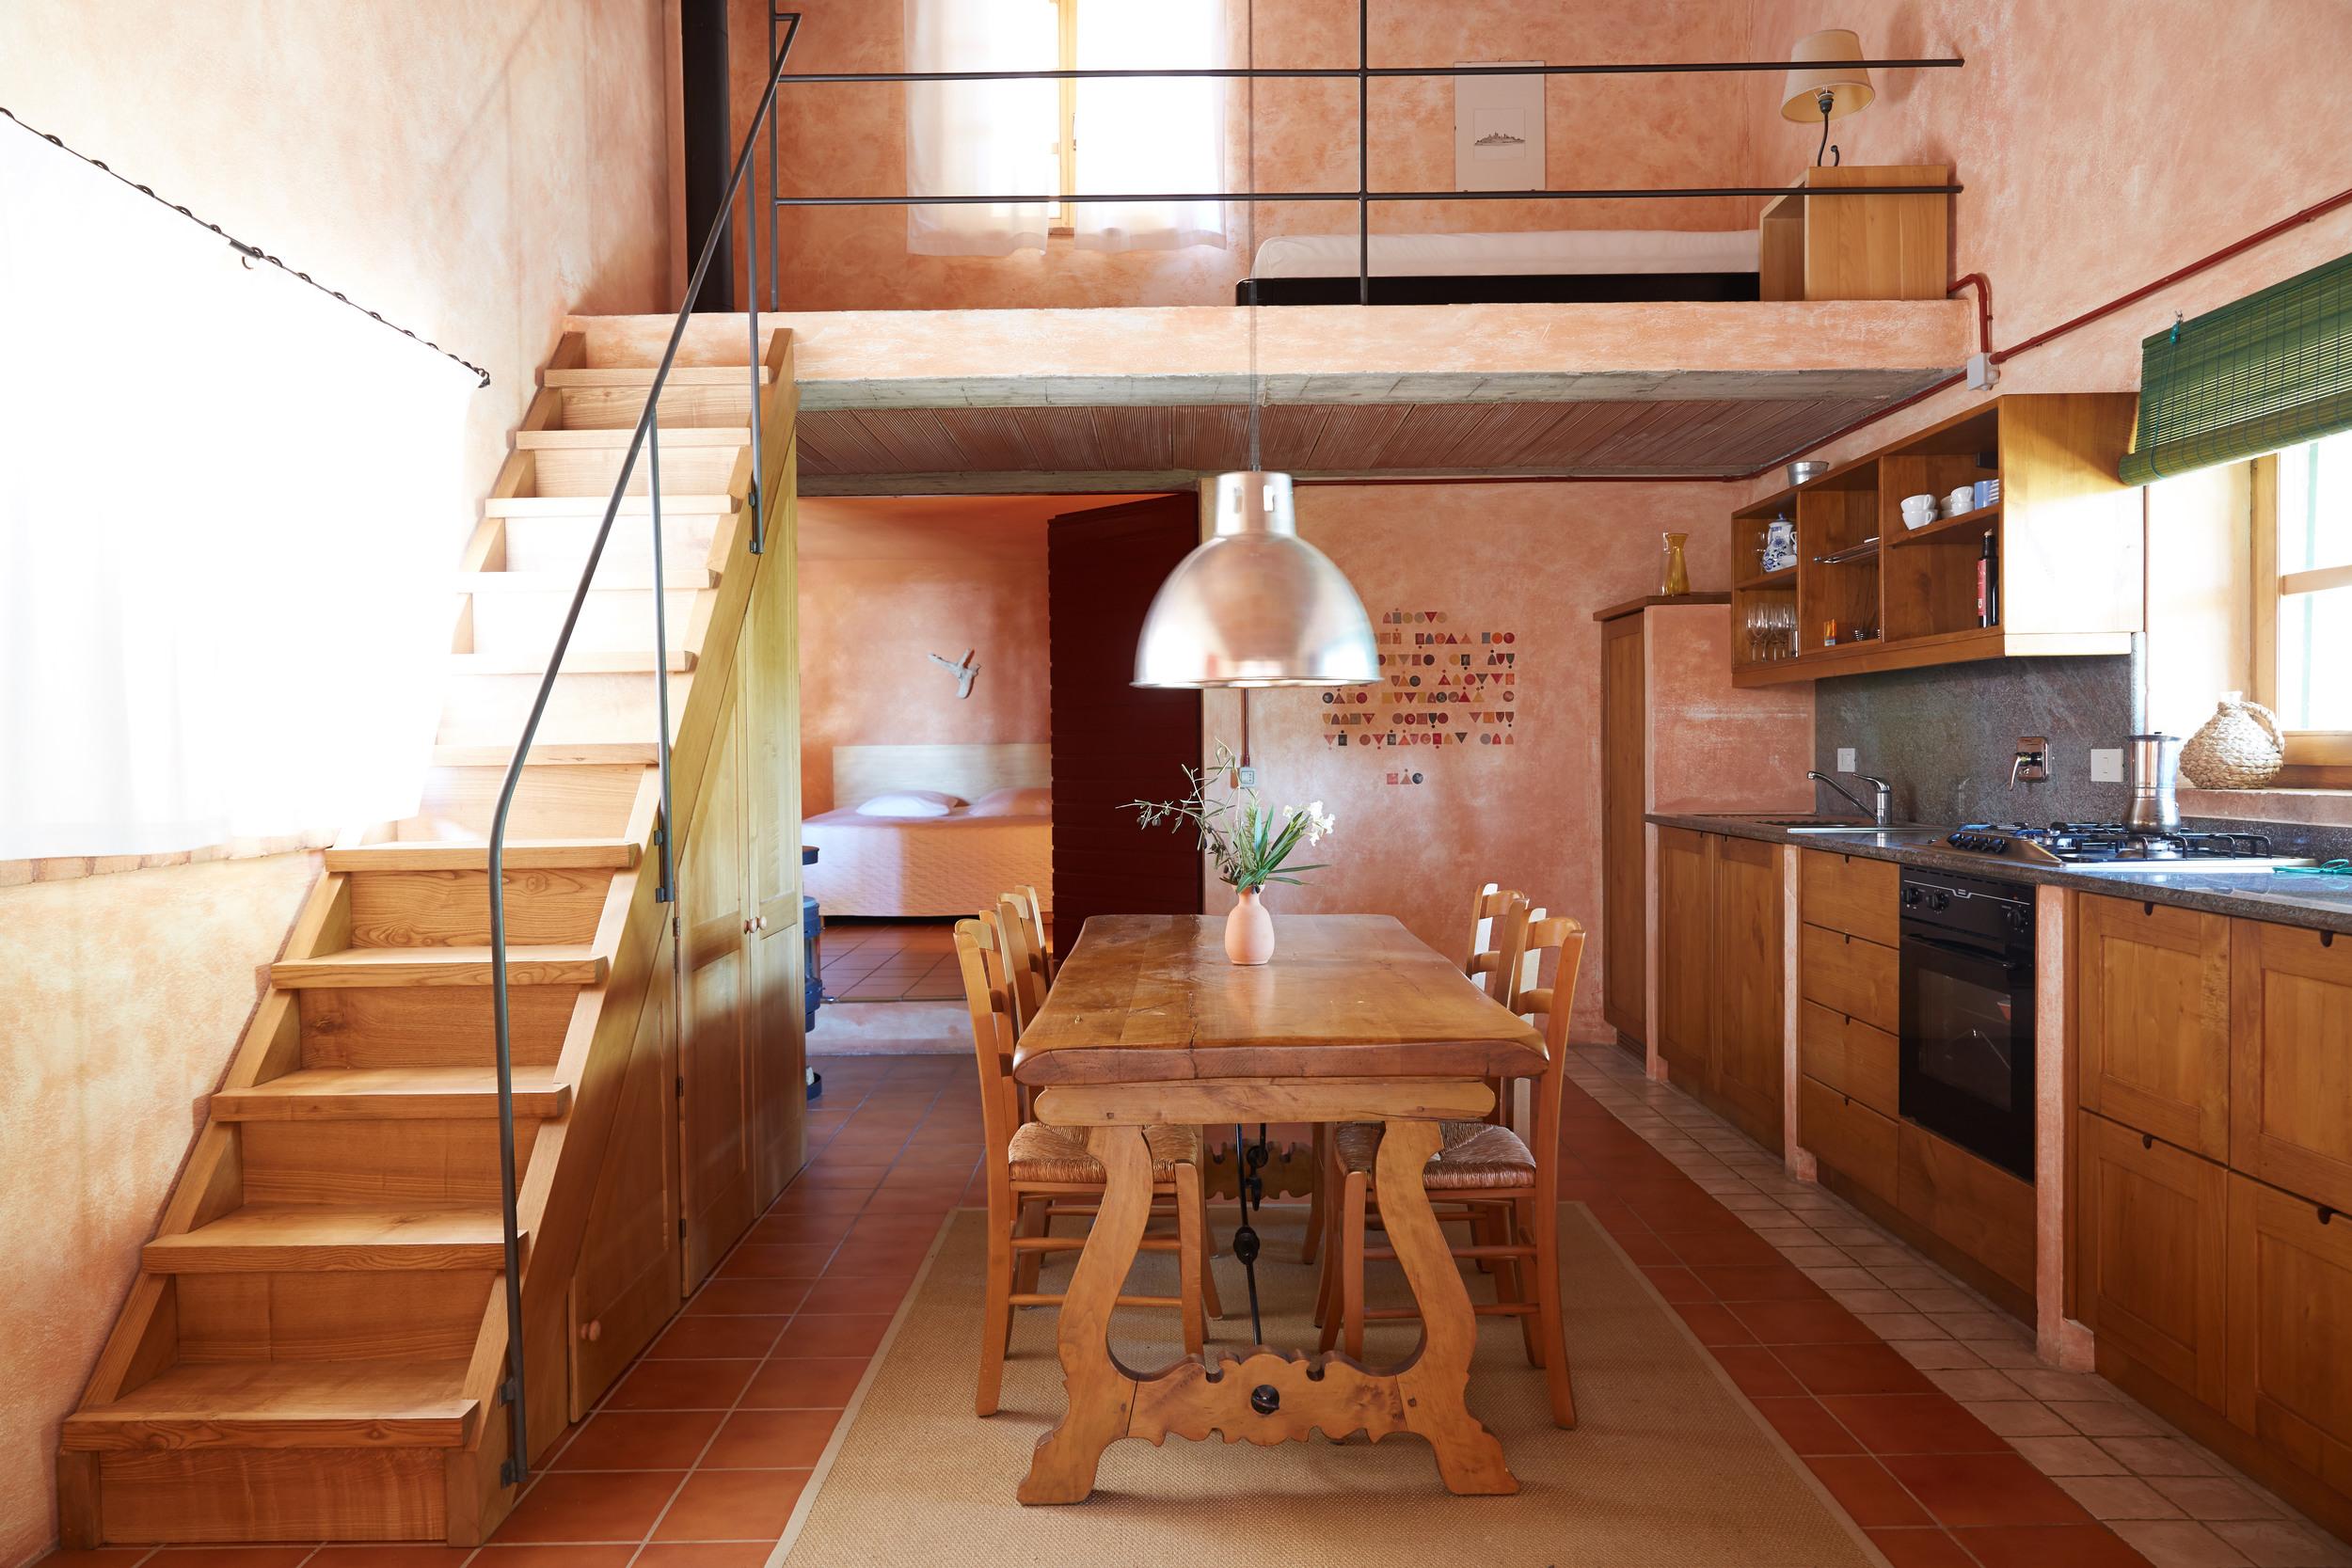 Das einfache, alleinstehende Haus am Hang, für 2 bis 3 Personen.  Ab 99 €/Tag (Off-Saison)